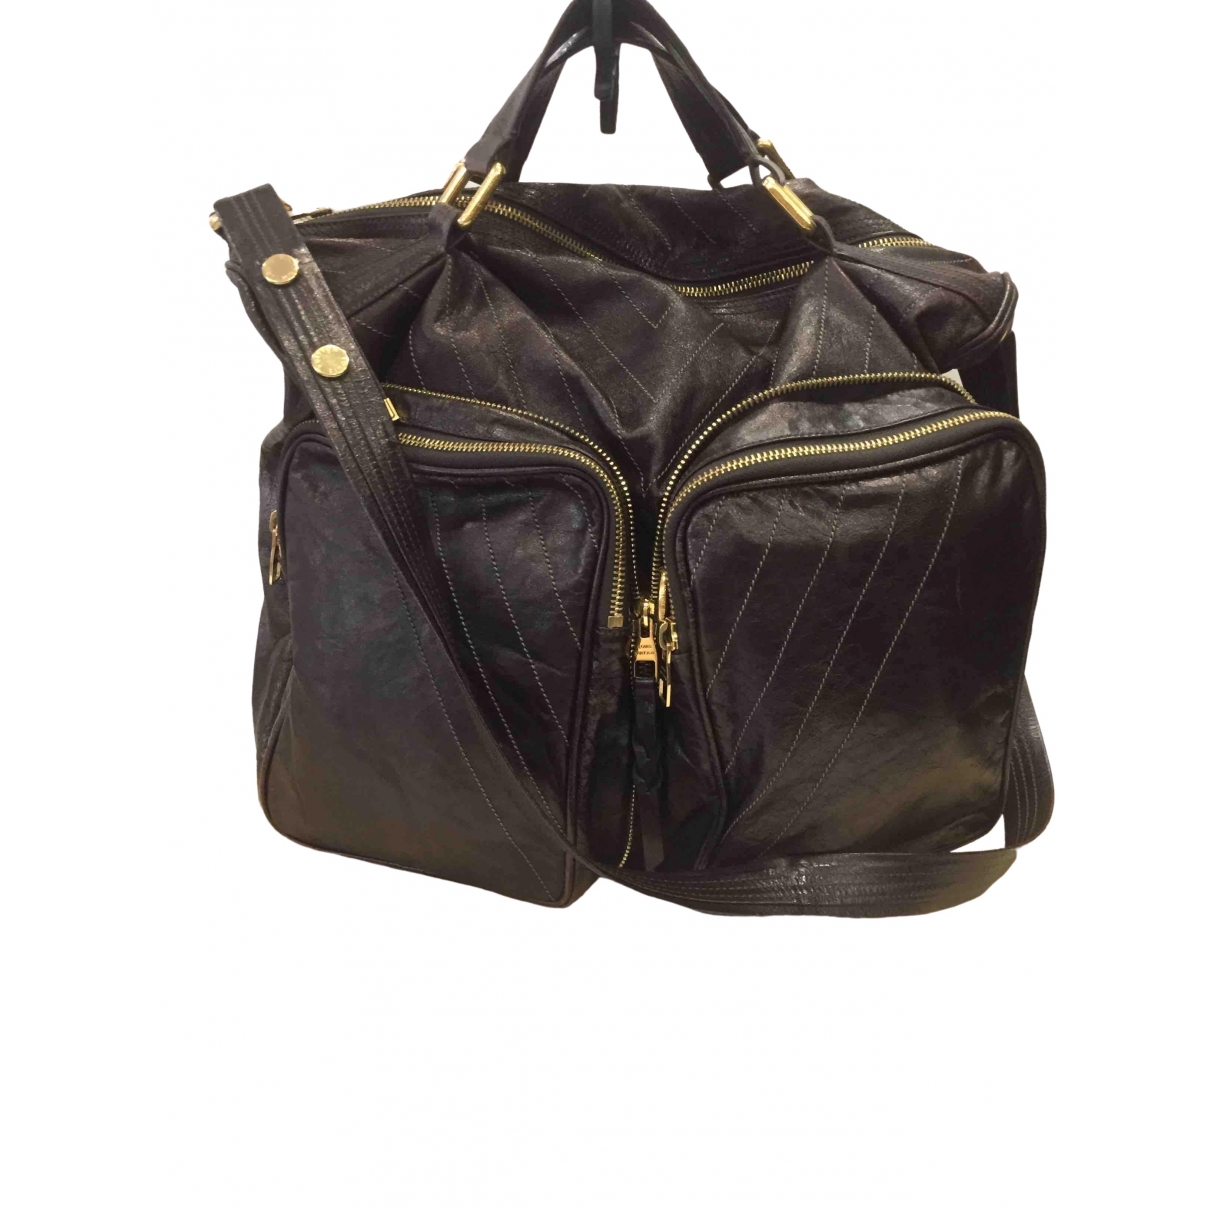 Louis Vuitton - Sac a main   pour femme en cuir exotique